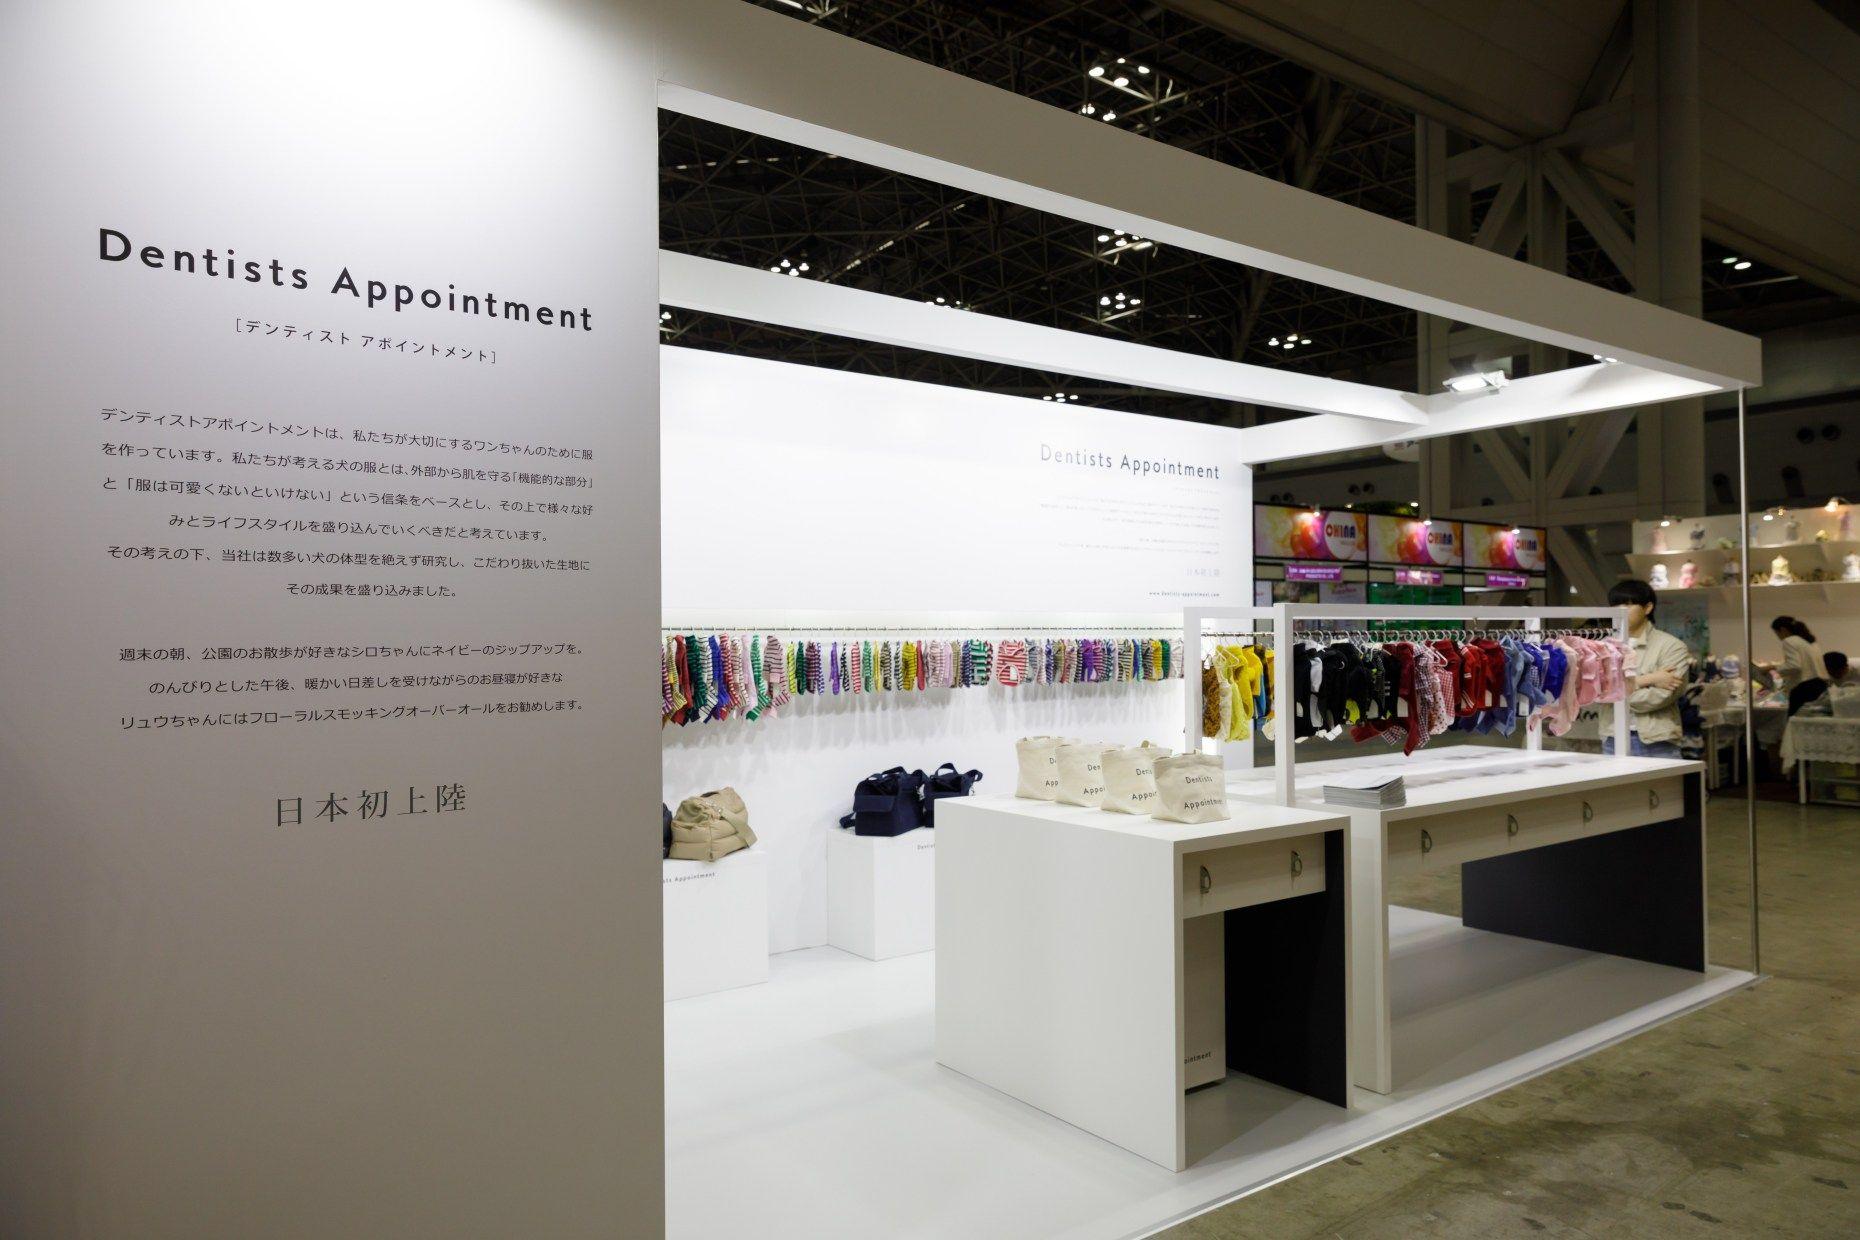 Interpets 高品質なイメージを表現する ブースデザイン デザイン 展示会ブース